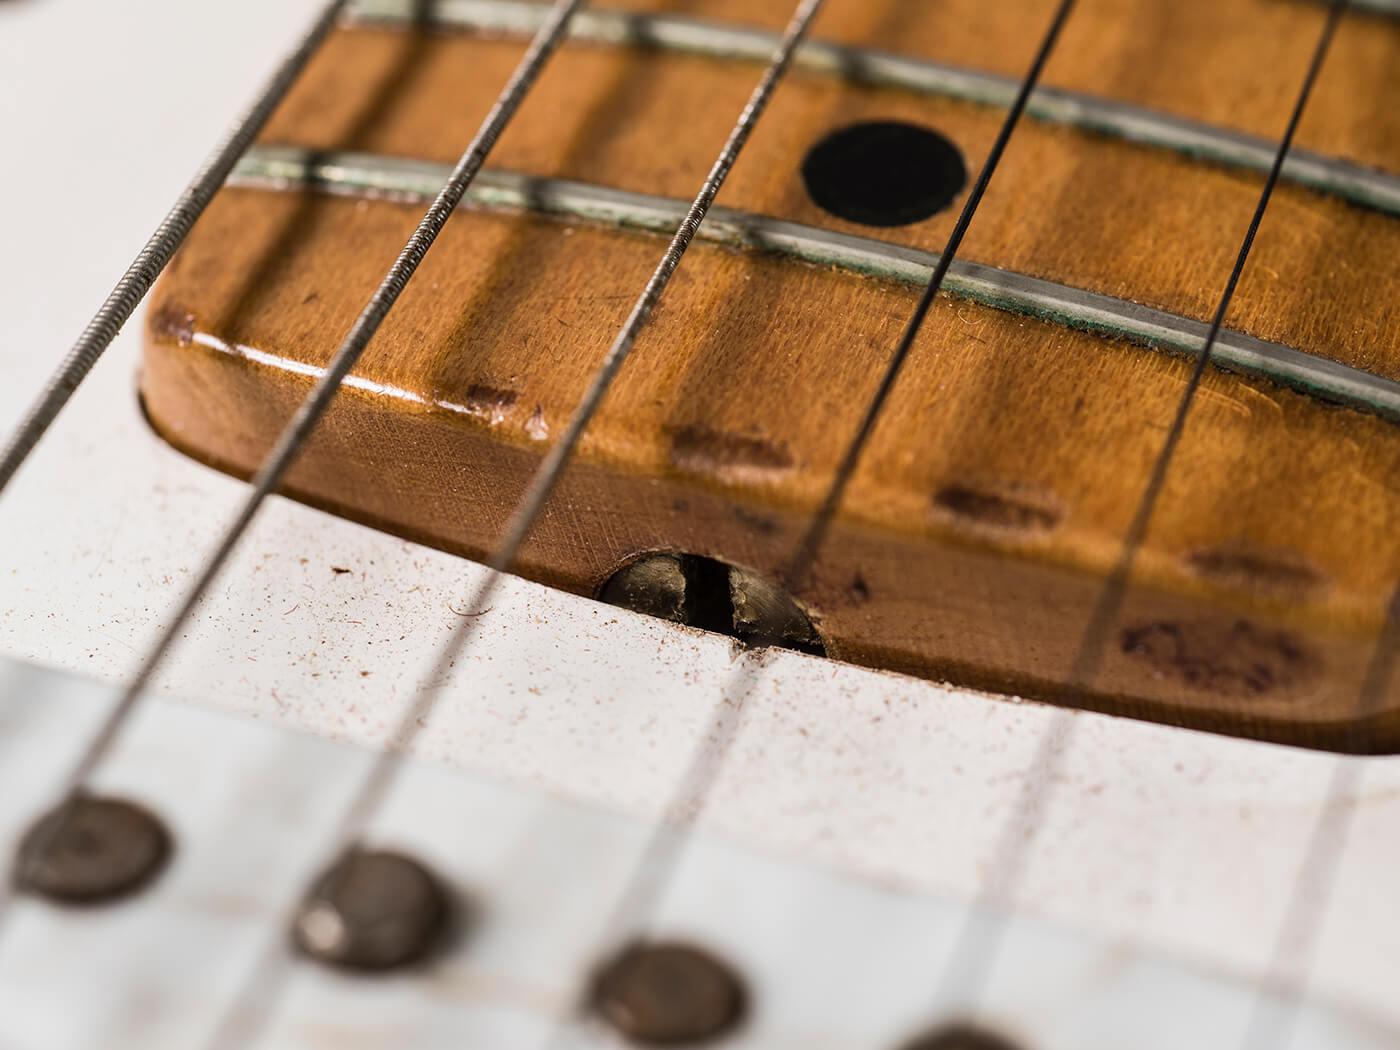 Gary Gand 1954 Fender Stratocaster (Neck)